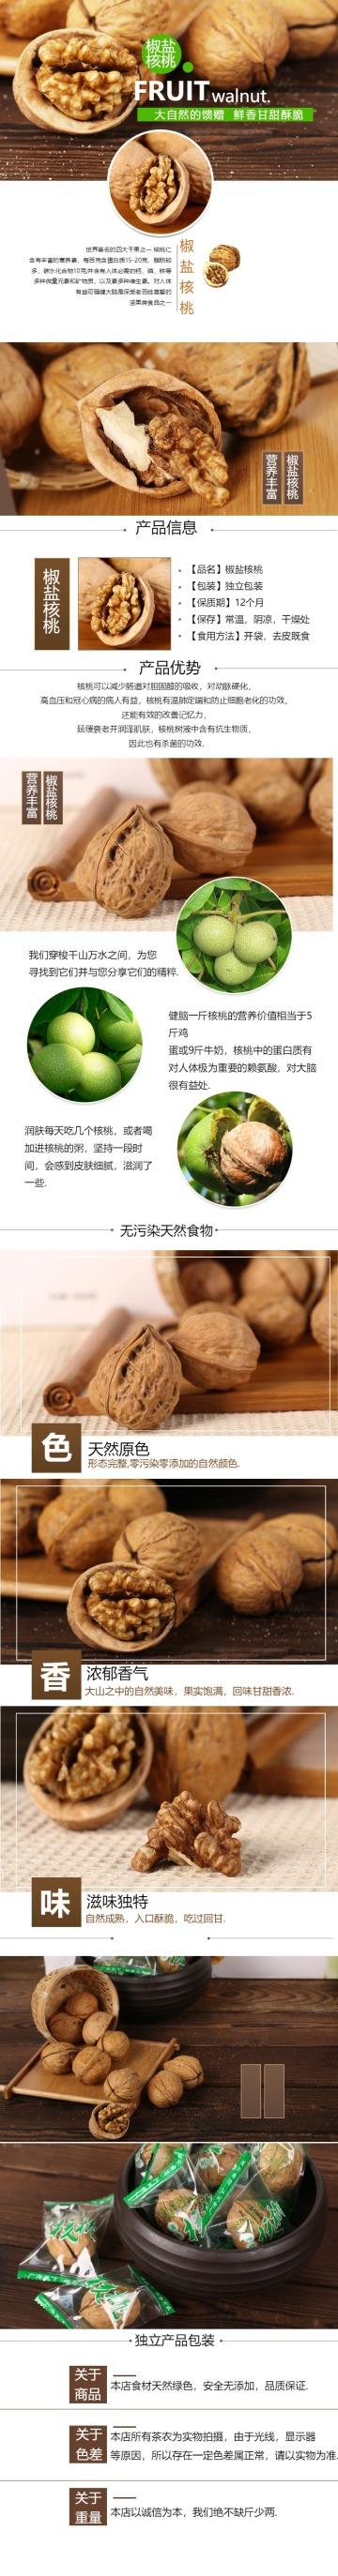 清新简约百货零售美食零食坚果核桃促销电商详情页